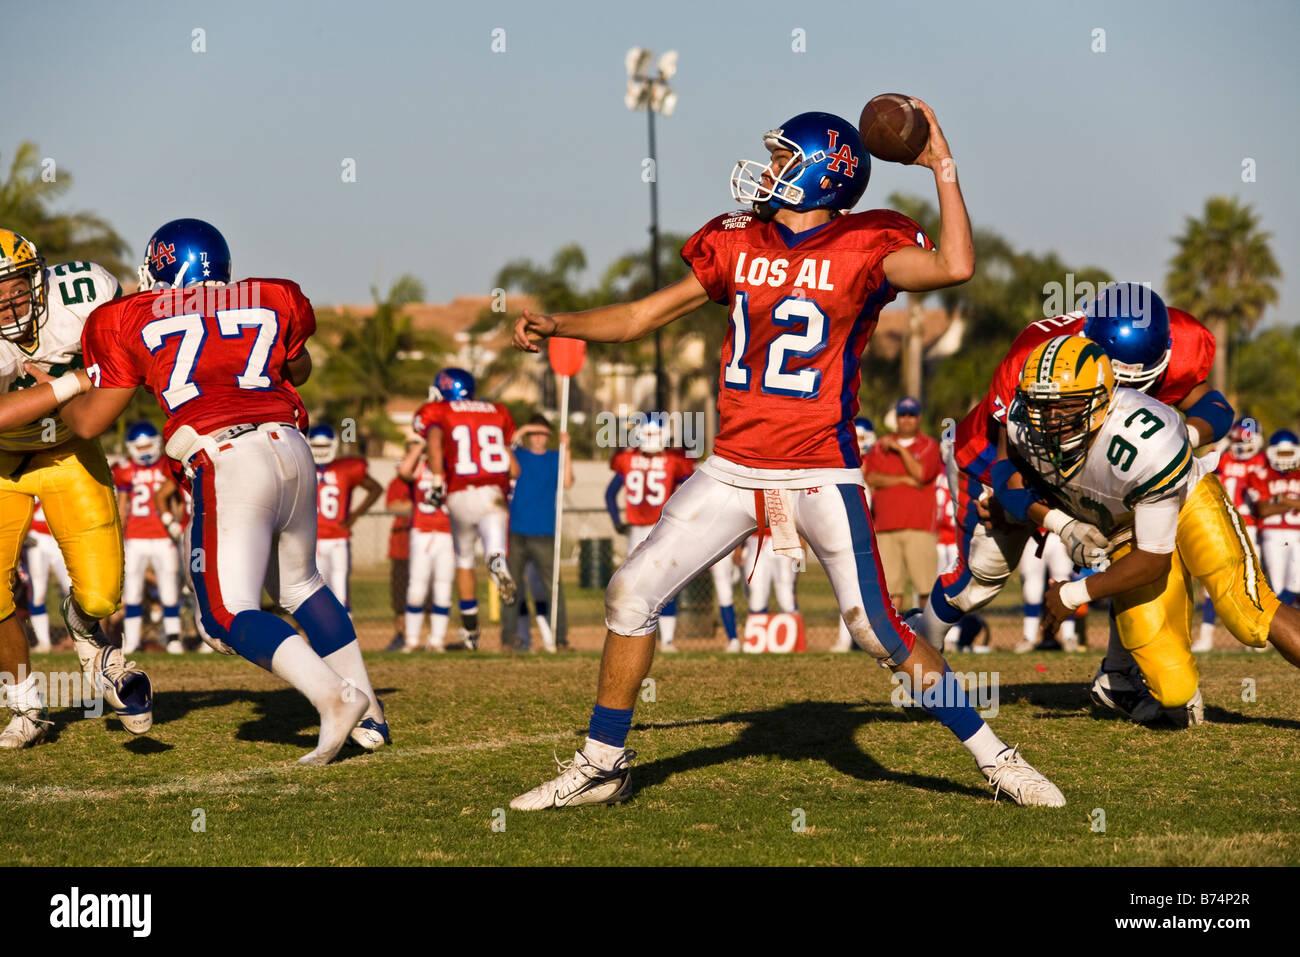 Un jugador lanzando el balón en un partido de fútbol americano con futbolistas corriendo alrededor, Huntington Beach, California, EE.UU. Foto de stock